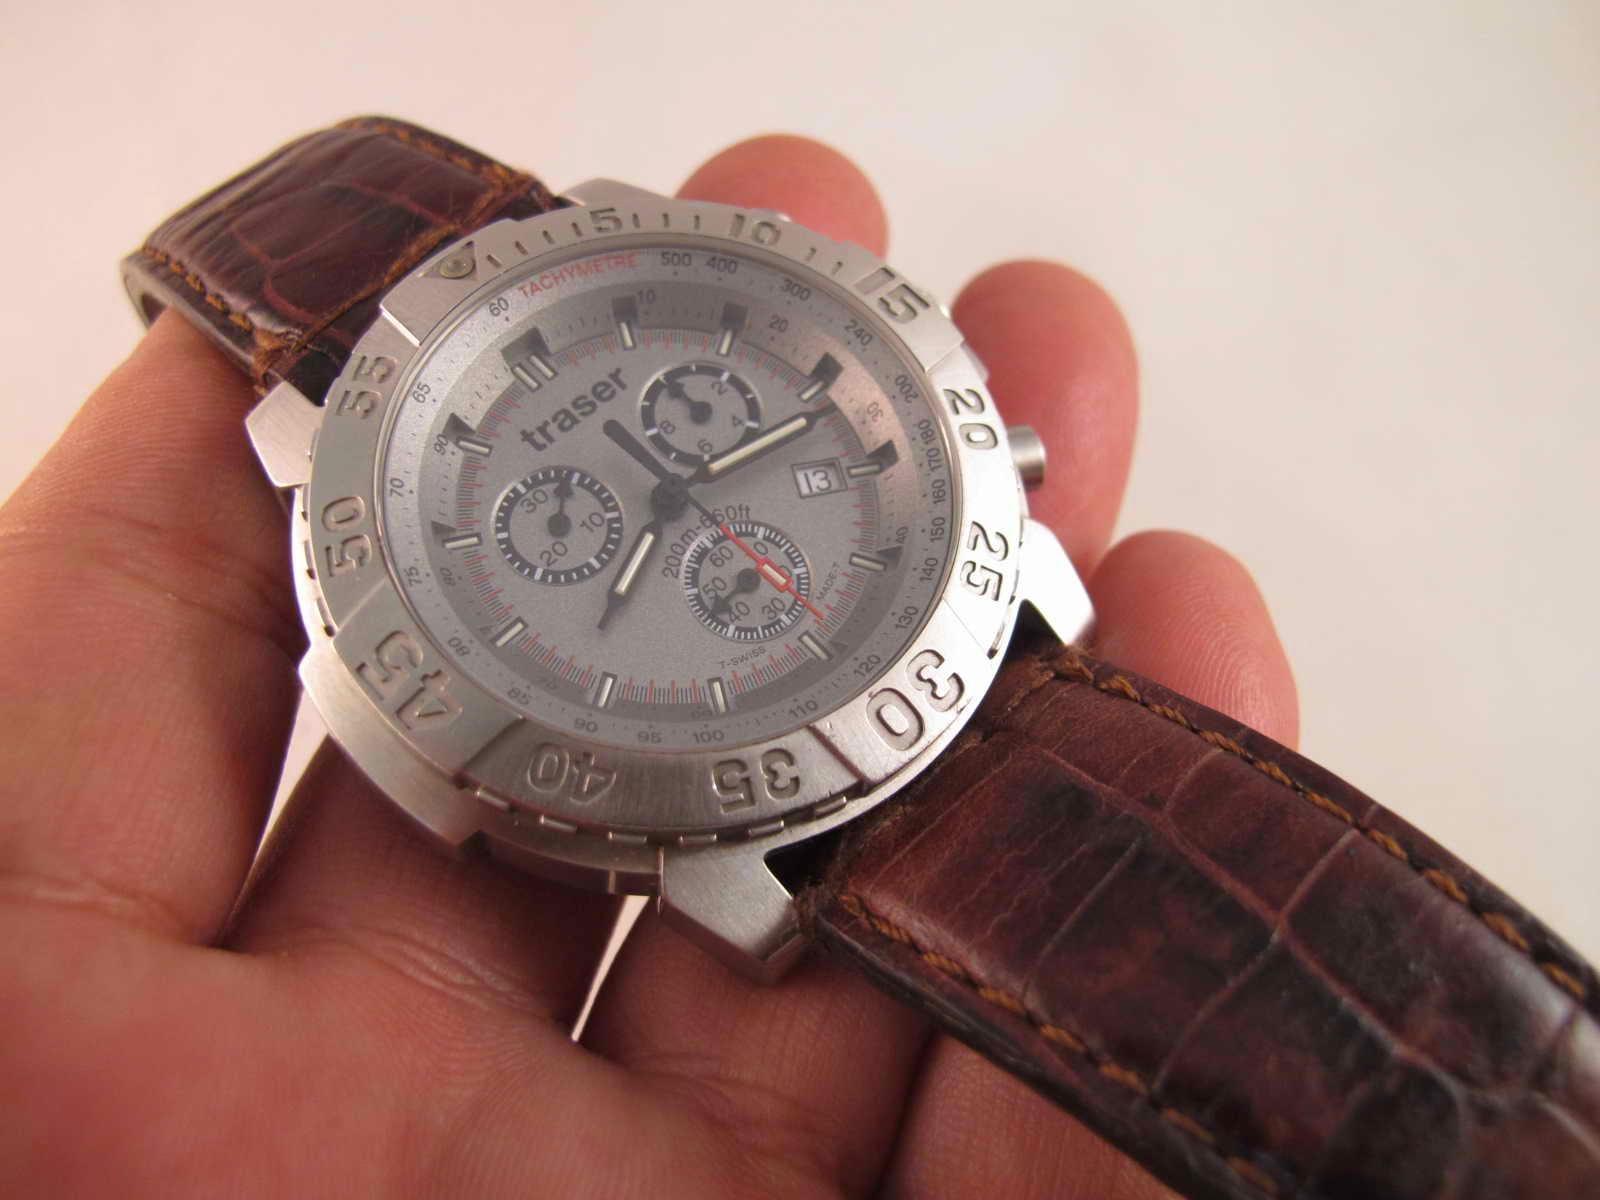 Cocok untuk Anda yang sedang mencari jam tangan Swiss Chronograph Quartz Swiss made dengan harga yang sangat terjangkau